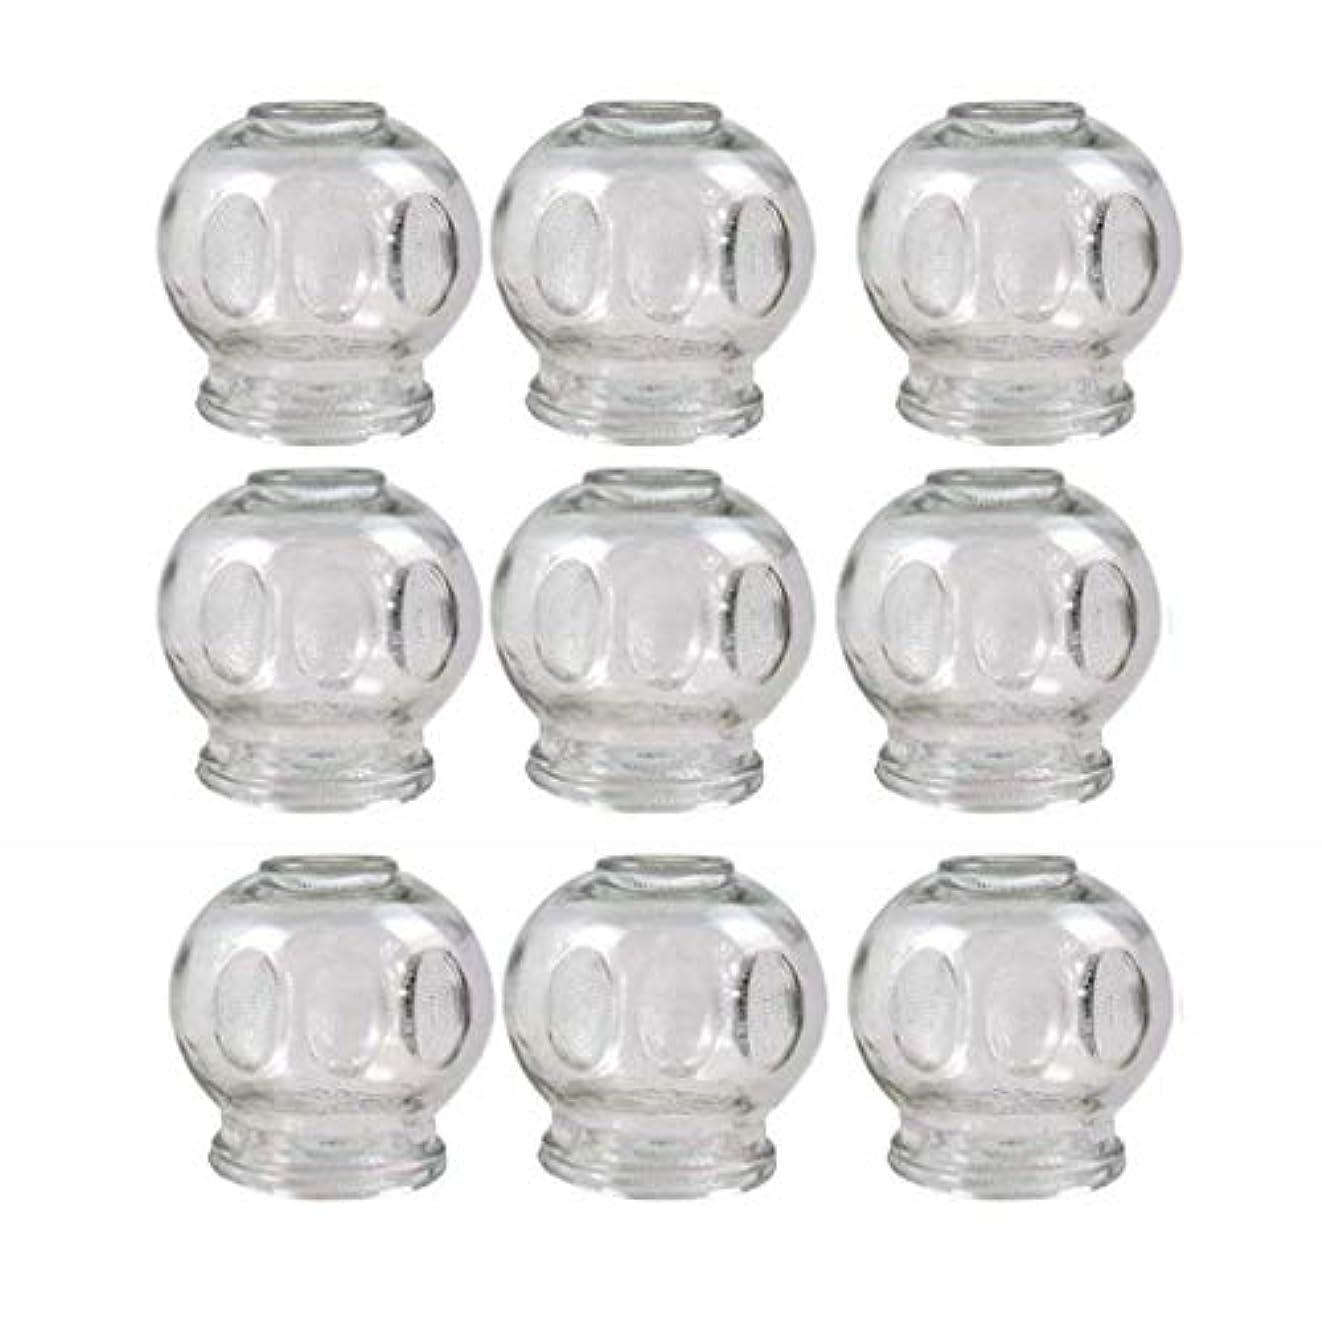 ブリッジ彫刻織機ガラスのカッピング(消火栓)真空マッサージNewØ55 MM 9pcs